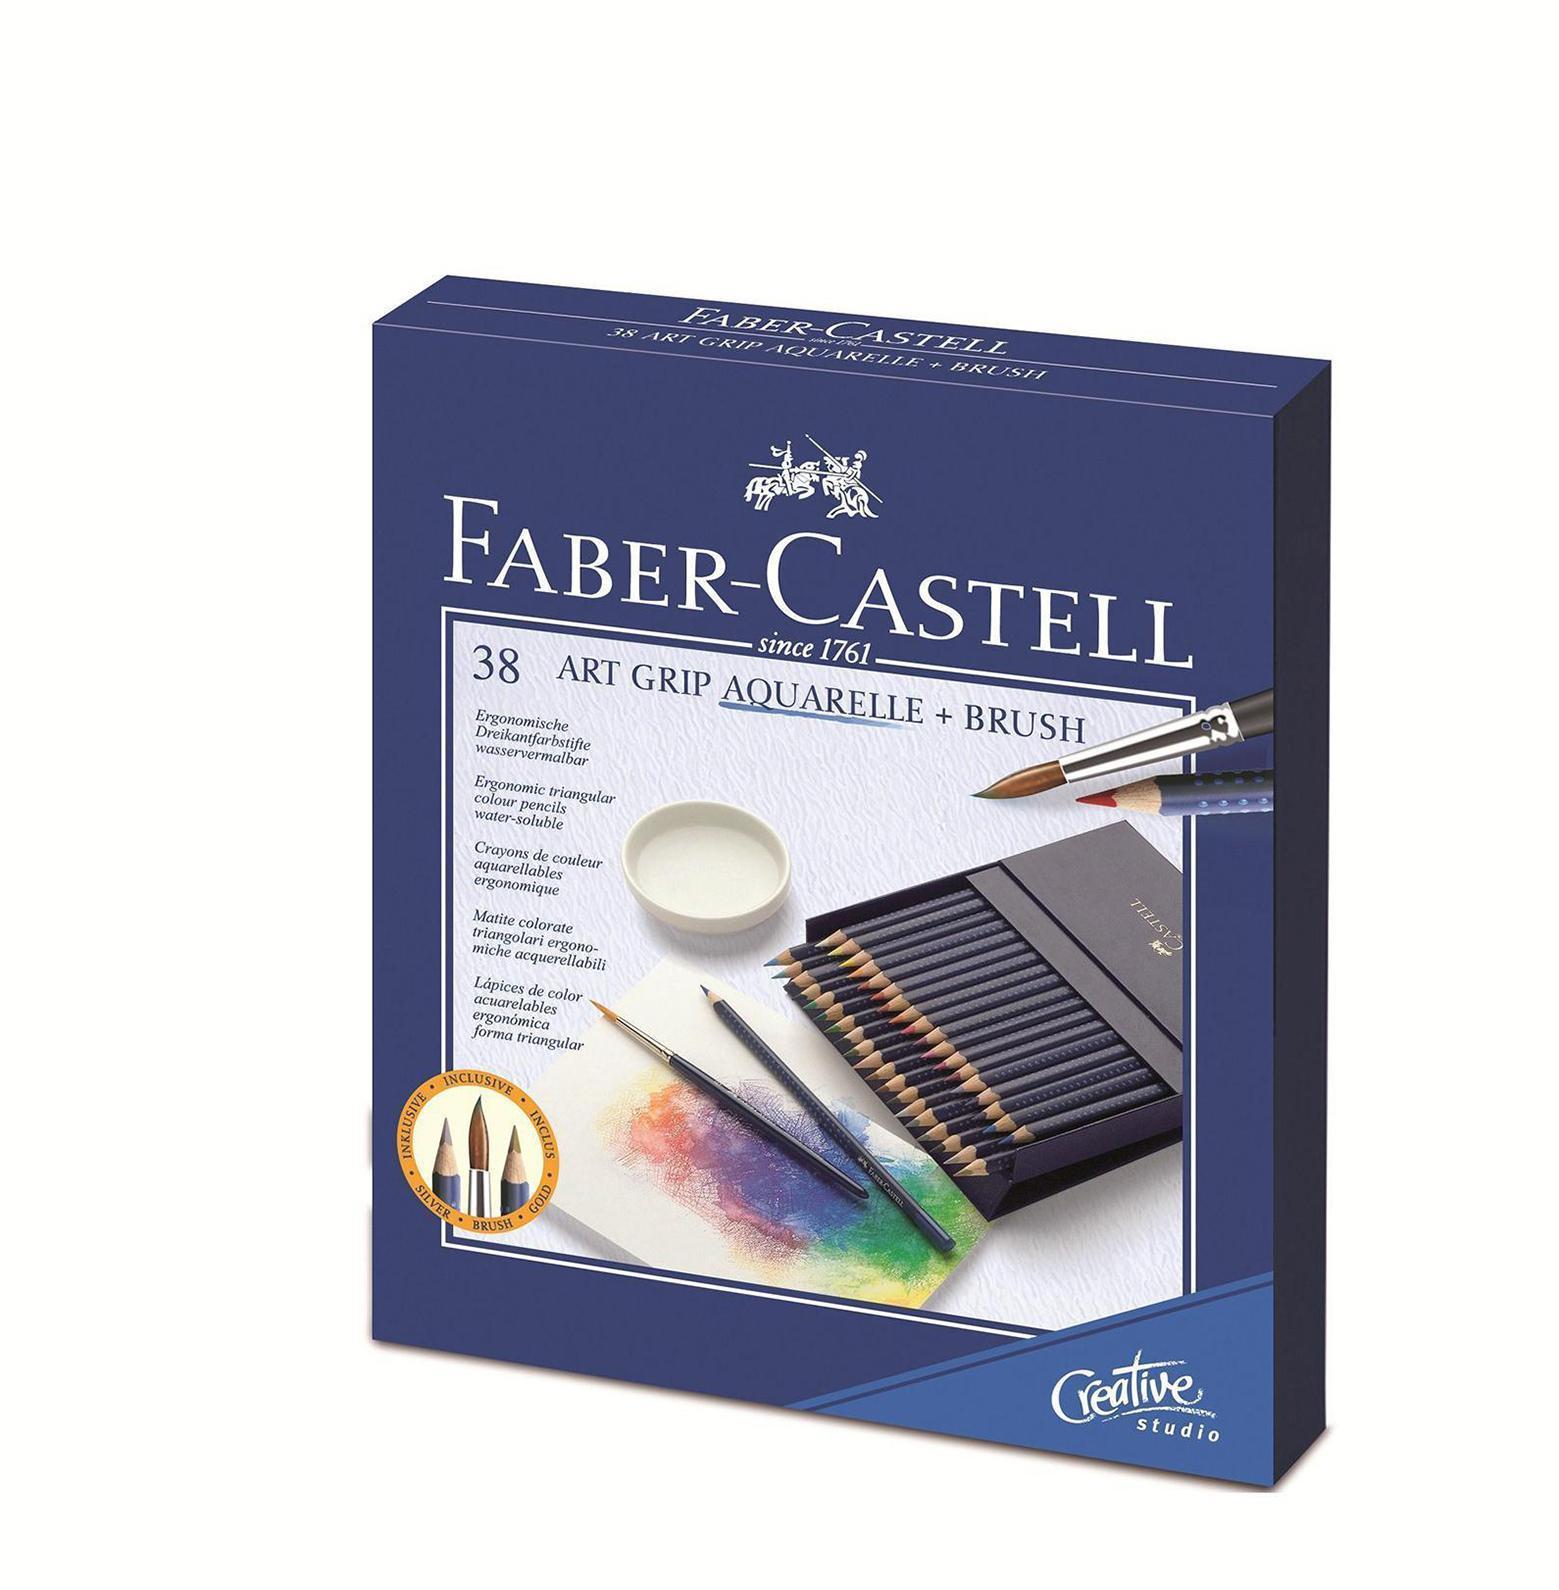 Акварельные карандаши ART GRIP AQUARELLE с кисточкой, набор цветов, в студийной (кожзам) коробке , 38 шт.114238Вид карандаша: Акварельный. Материал: дерево.